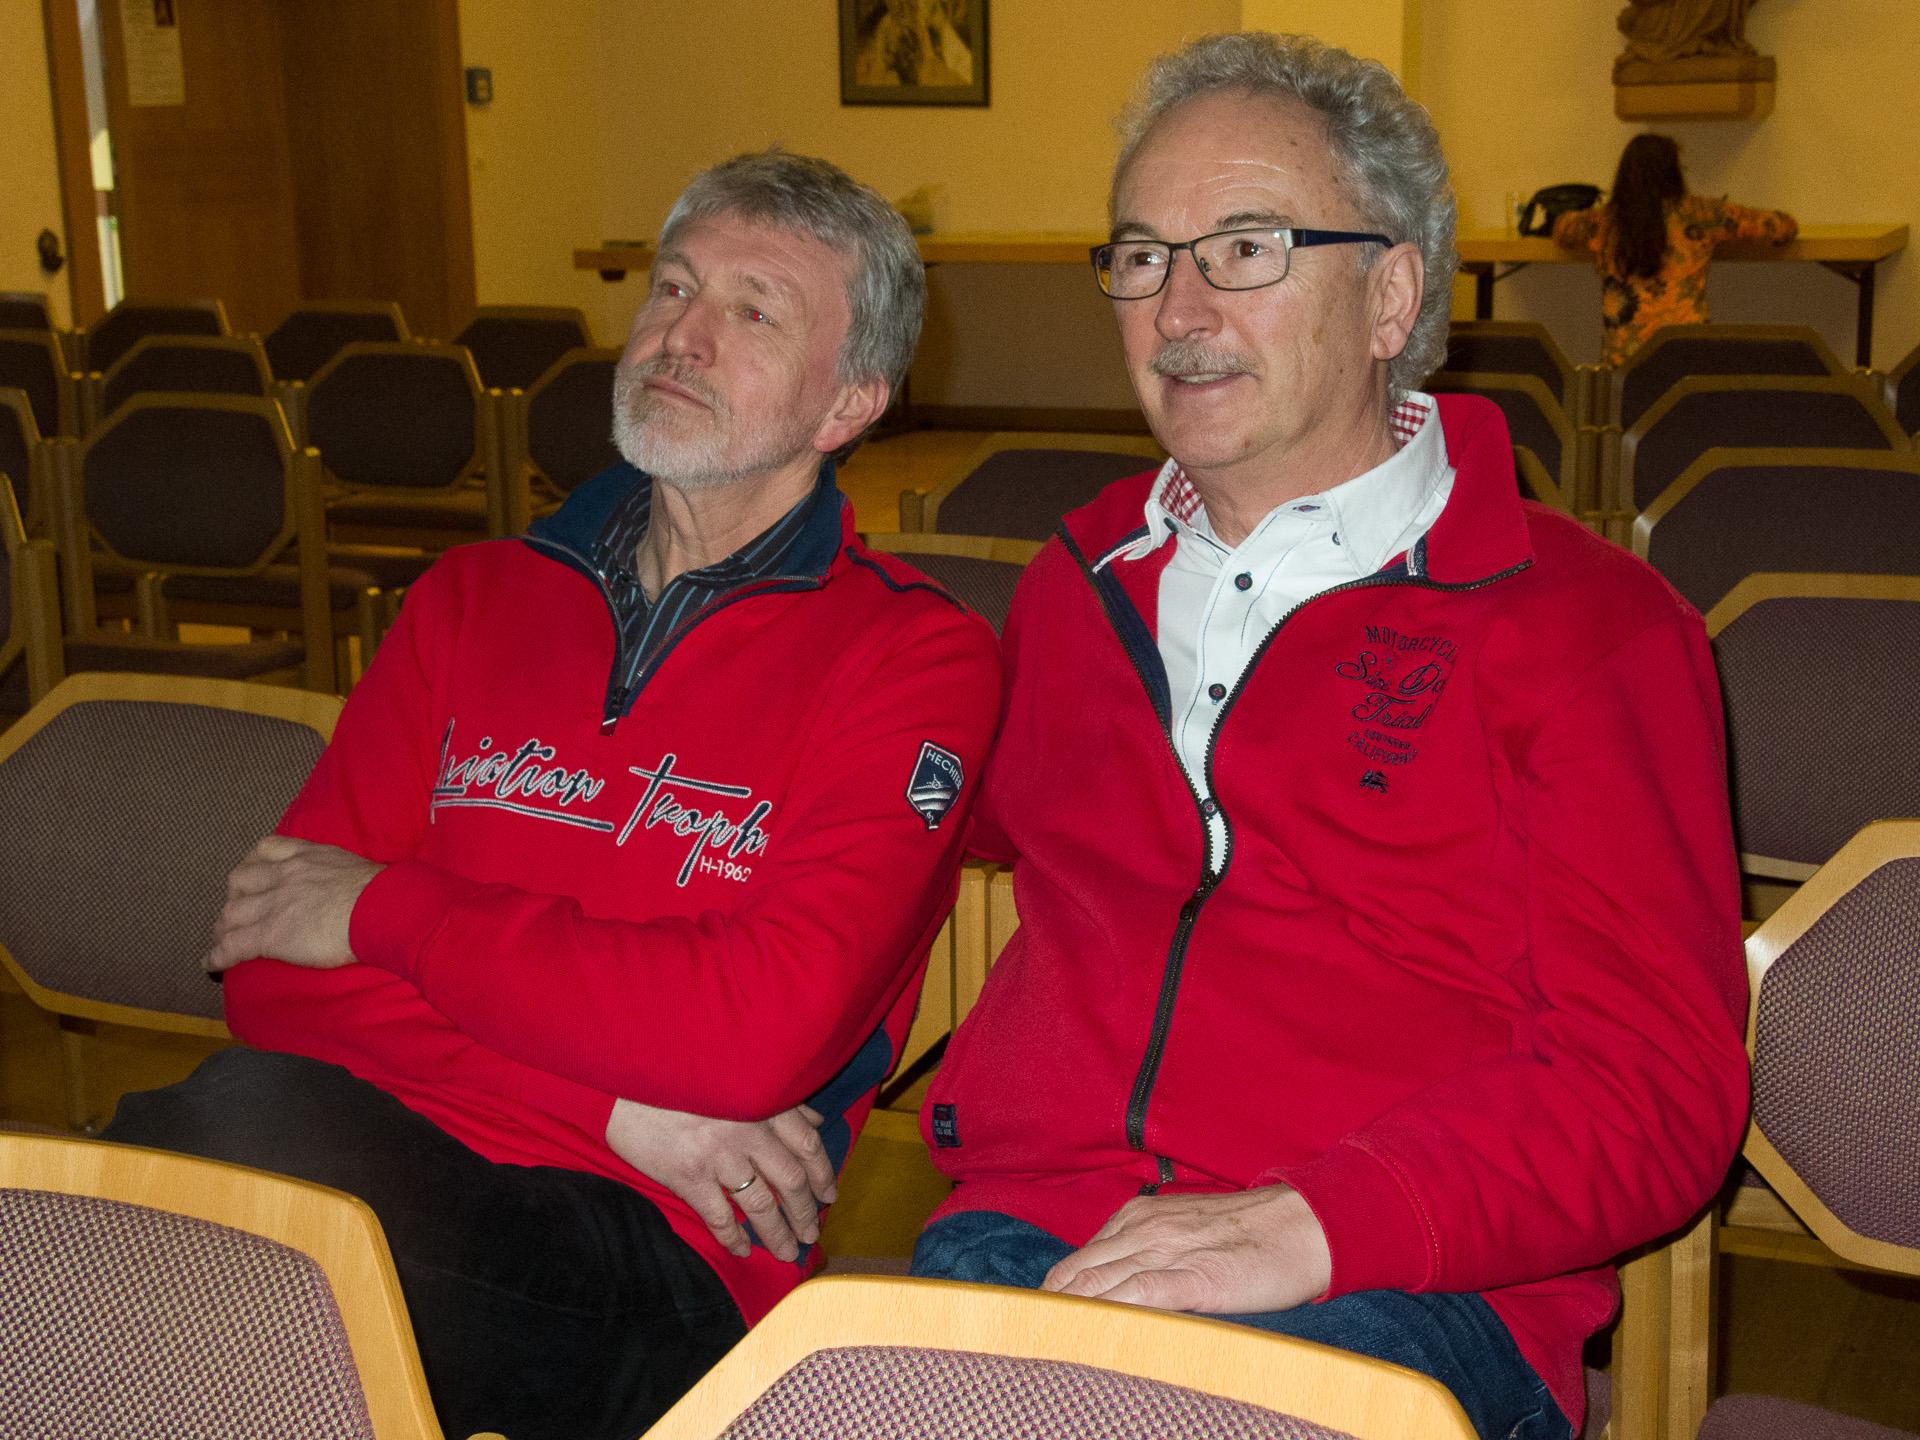 Auch Herbert und Klaus schauen zuversichtlich